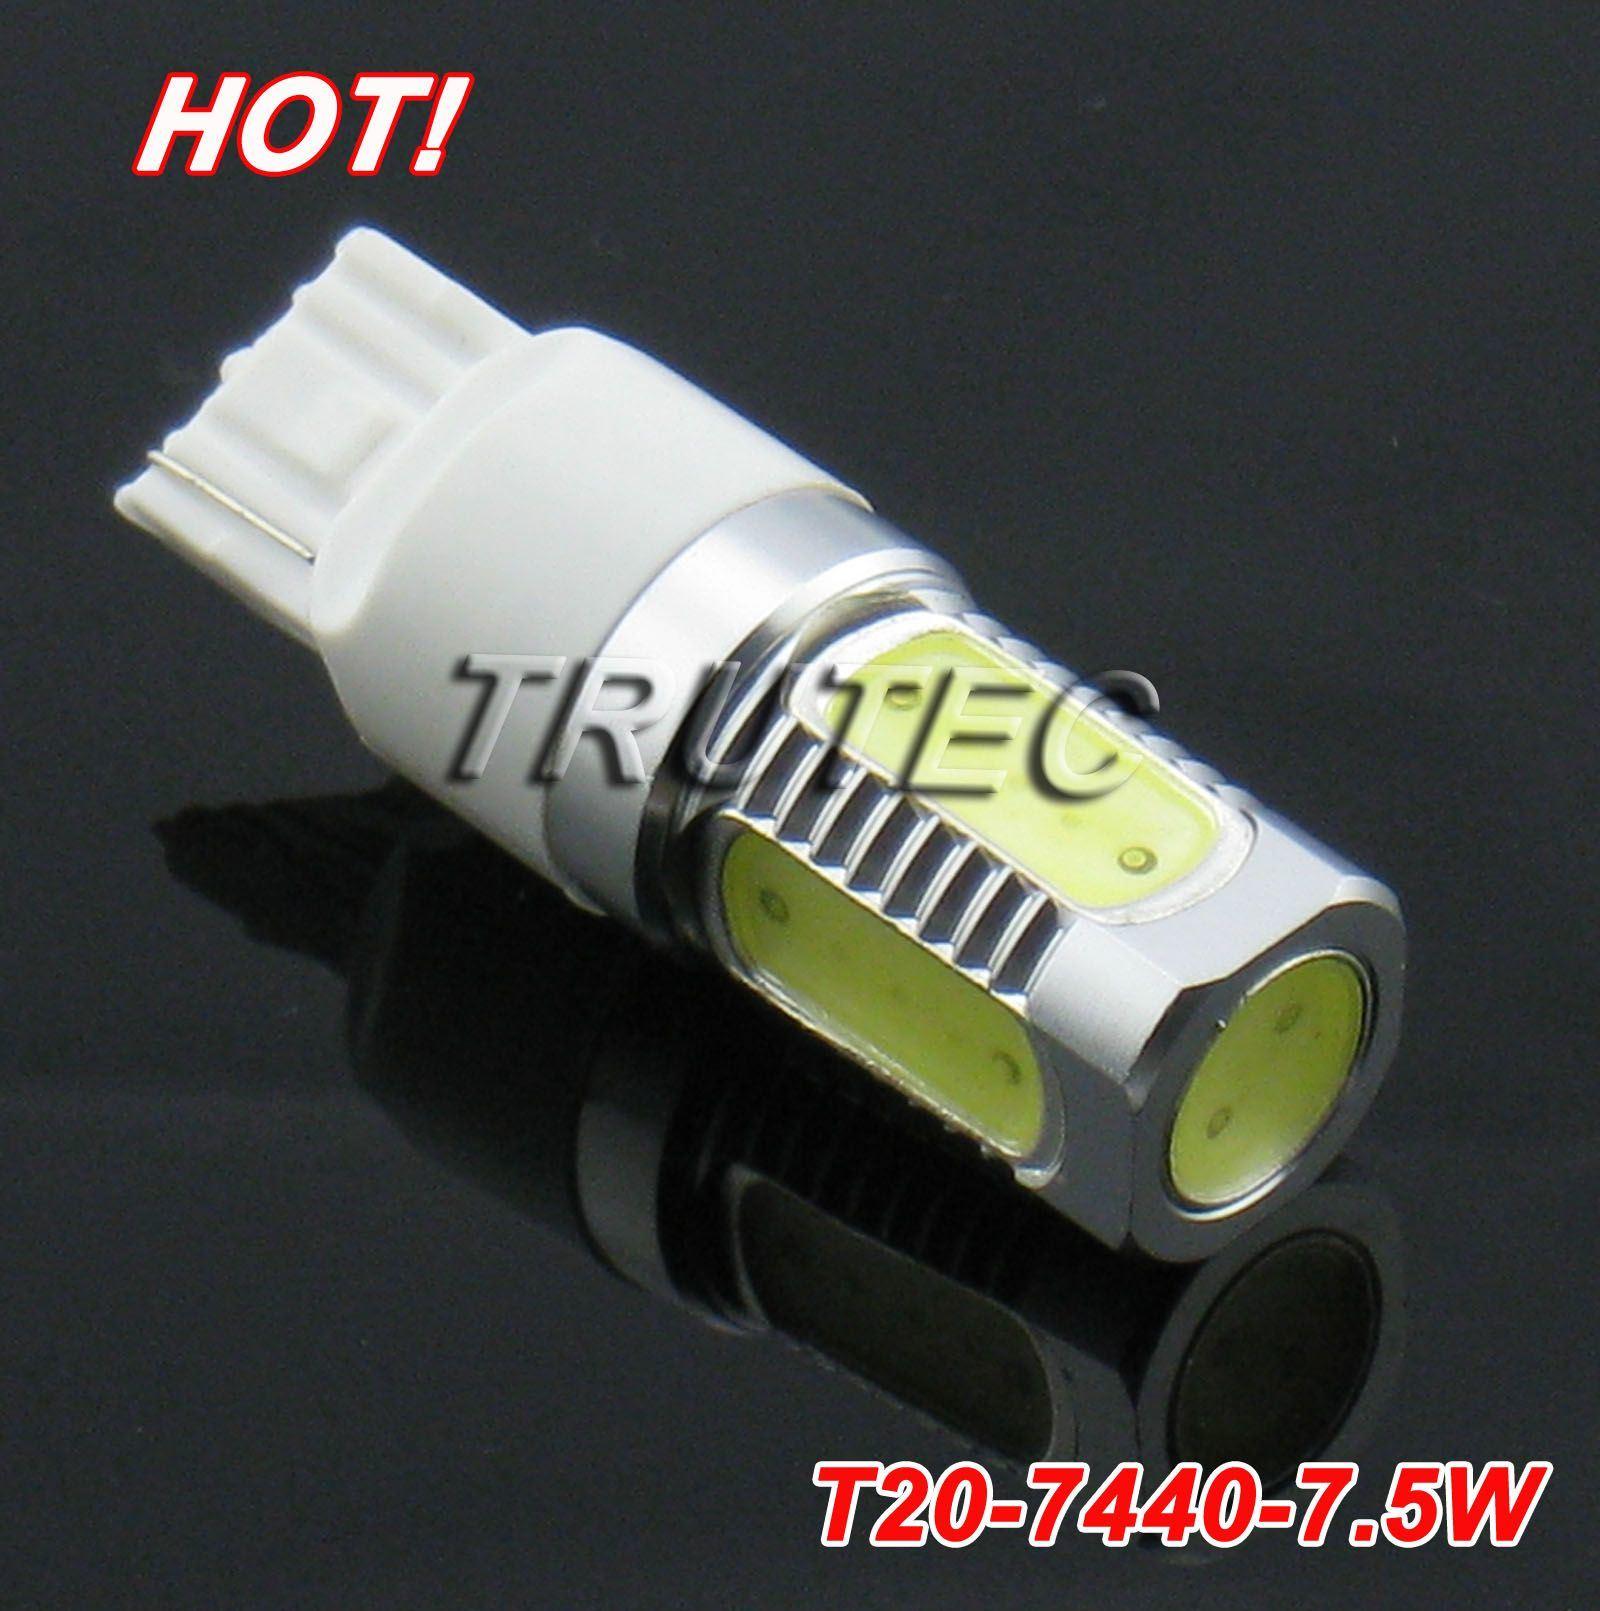 Car LED Lights (T20-7.5W)